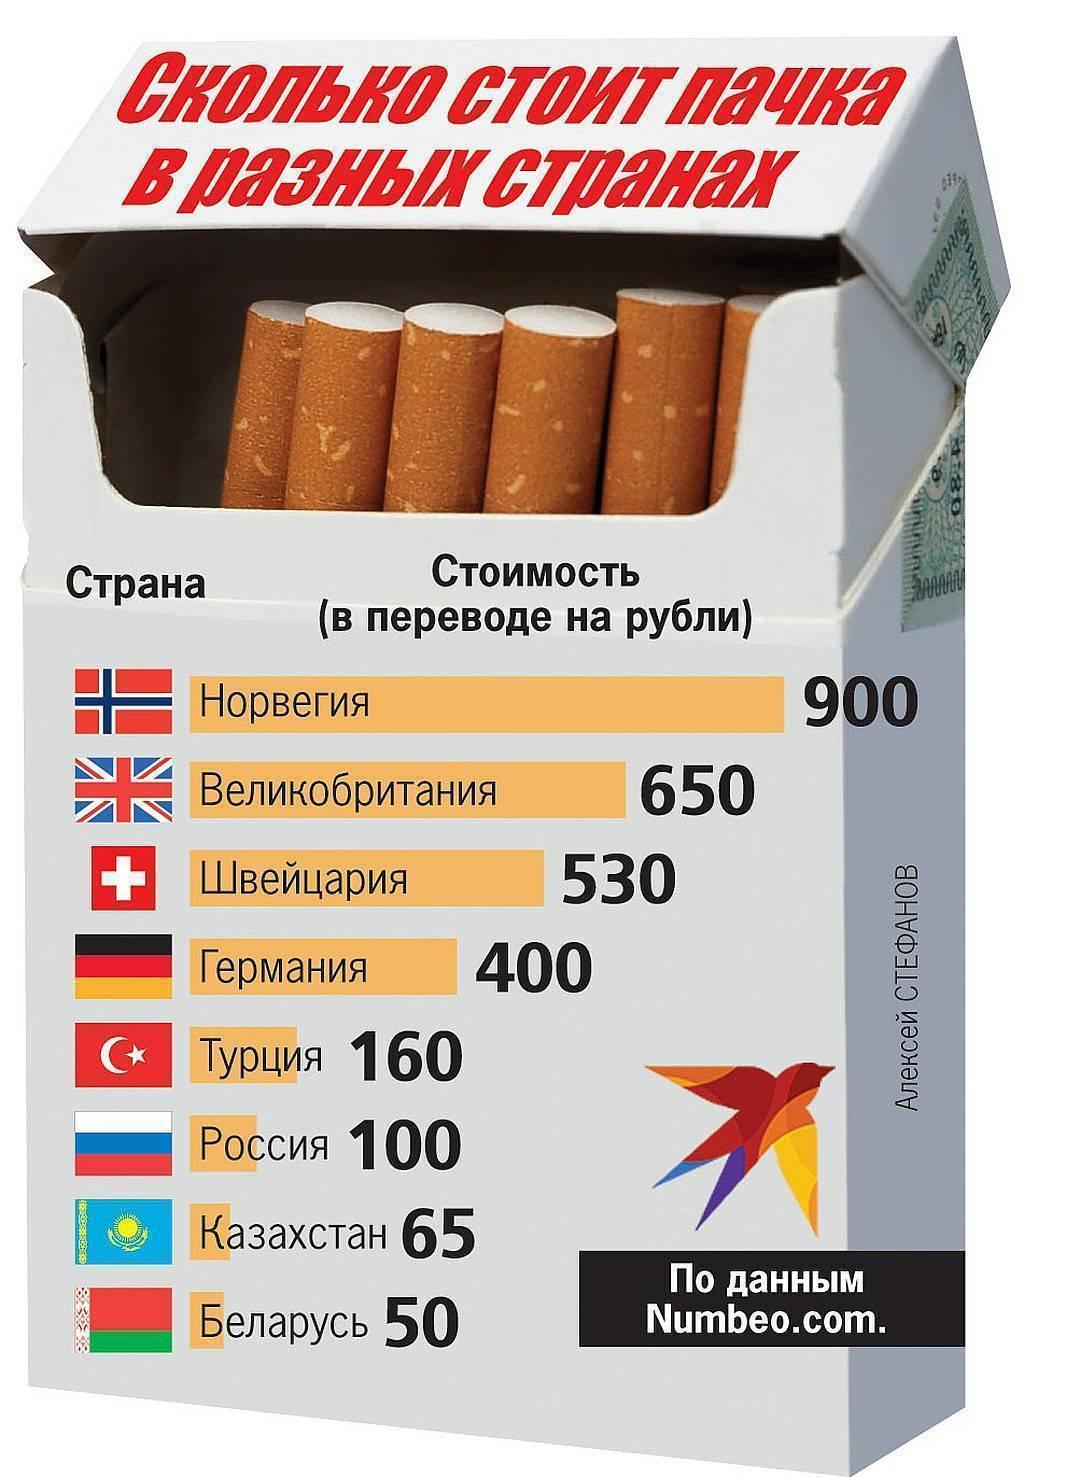 Сколько пачек сигарет в блоке и стоит ли брать табачные изделия на отдых?